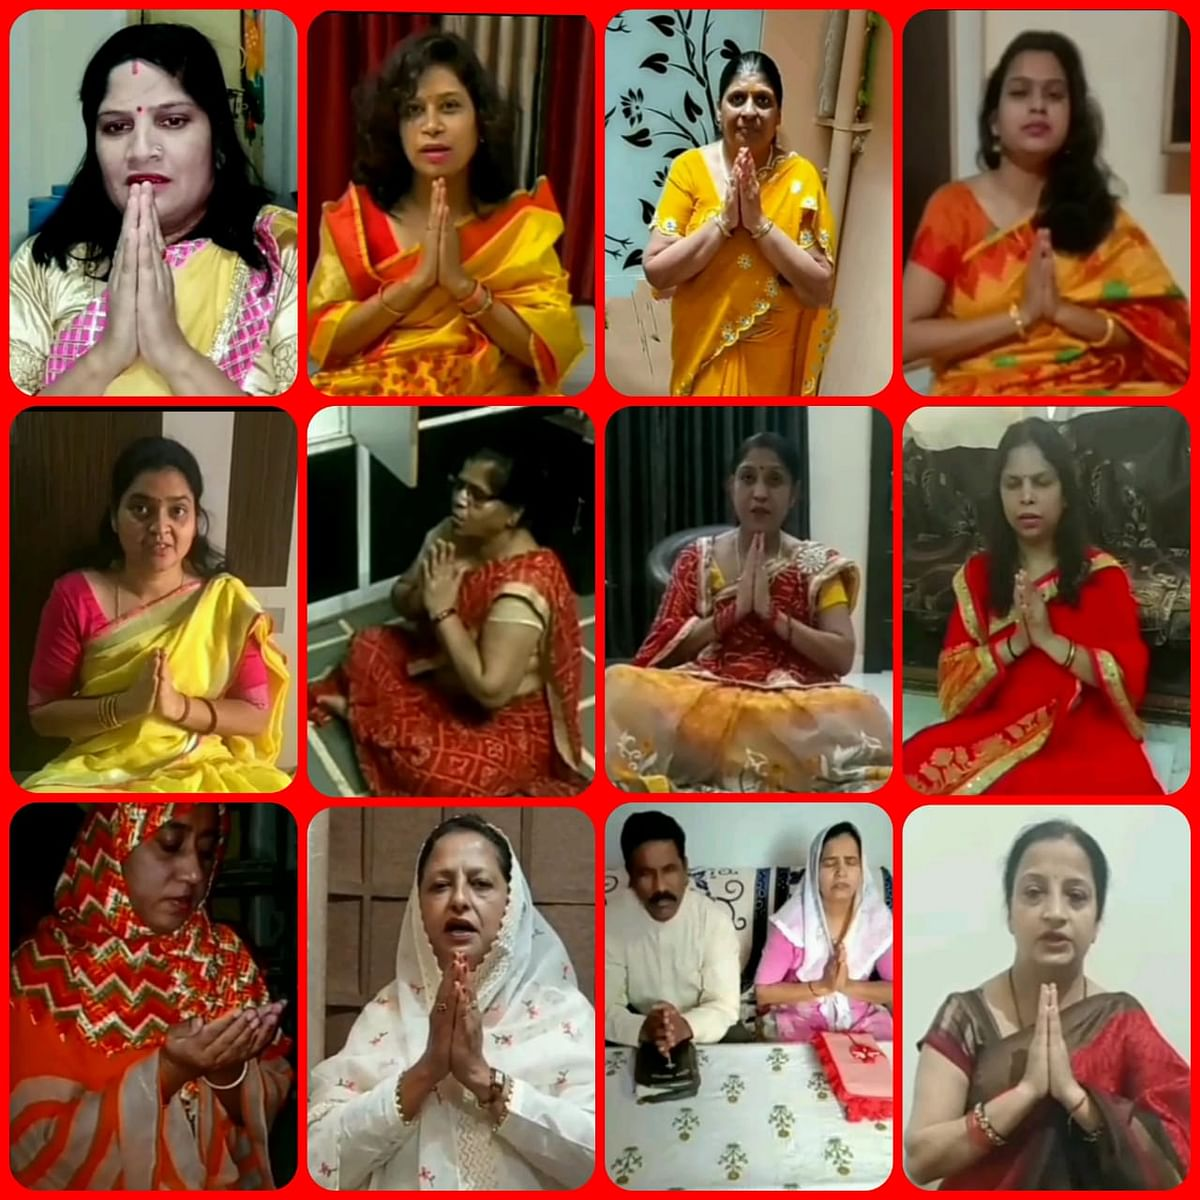 शिवपुरी:  कोरोना महामारी को खत्म करने के लिए जेसीआई महिलाओं ने की सामूहिक प्रार्थना